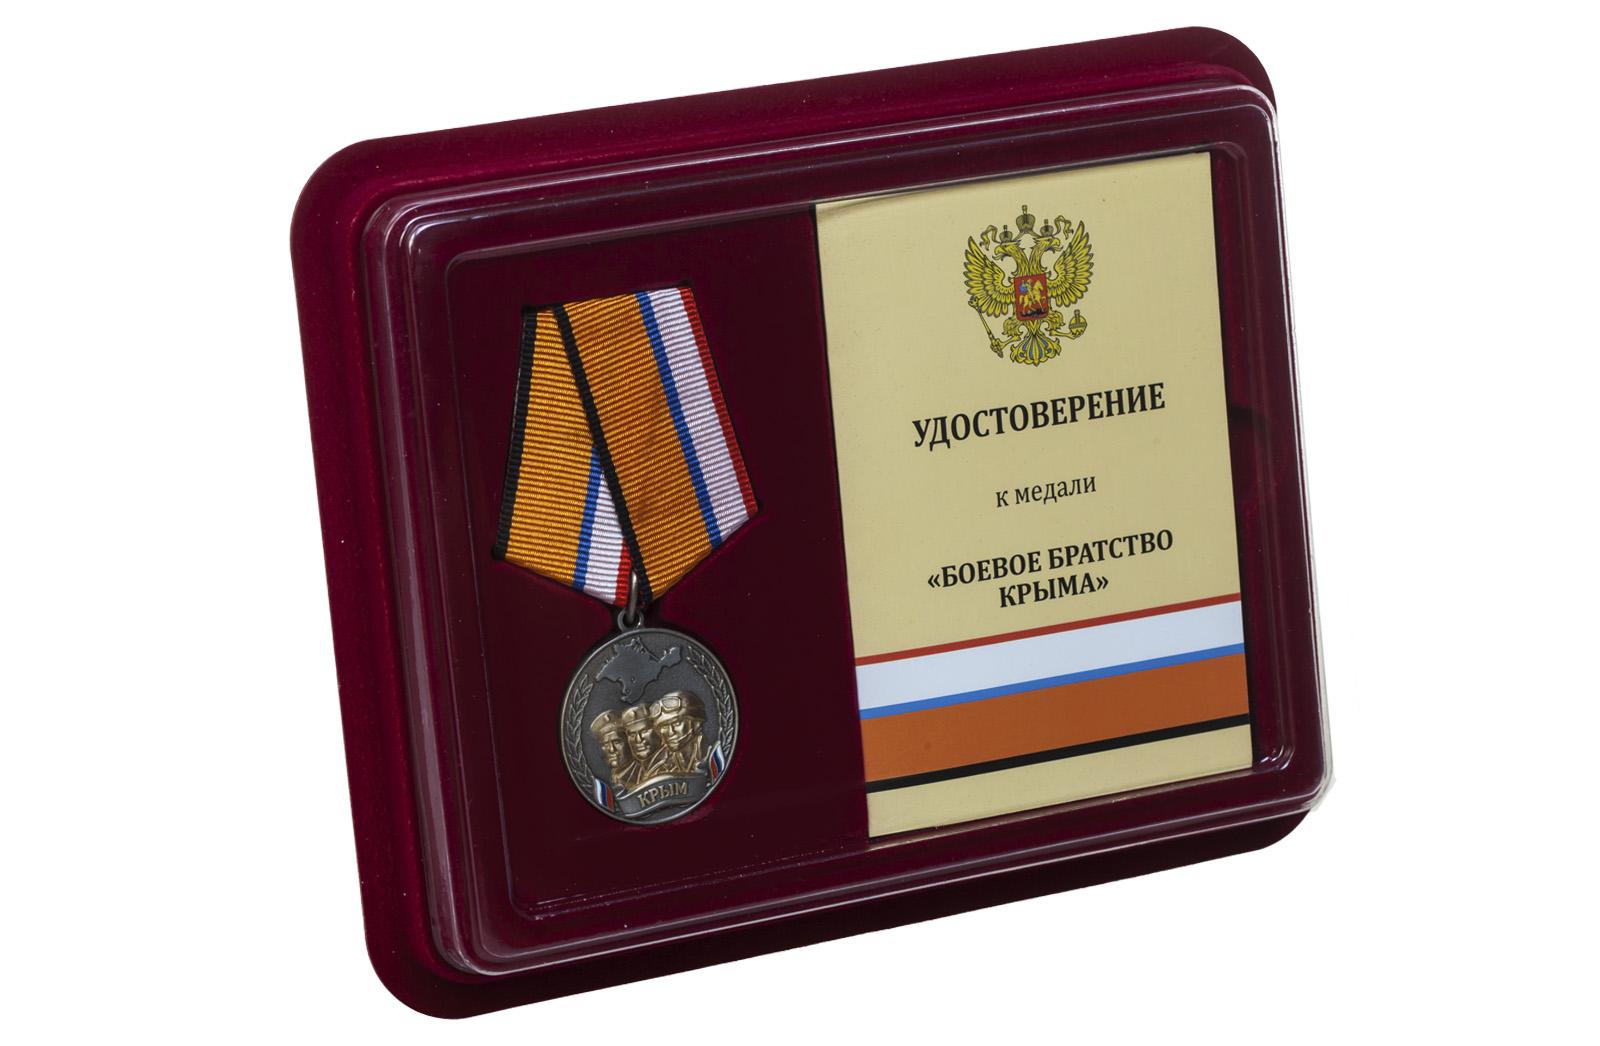 Медаль Боевое братство Крыма - в футляре с удостоверением